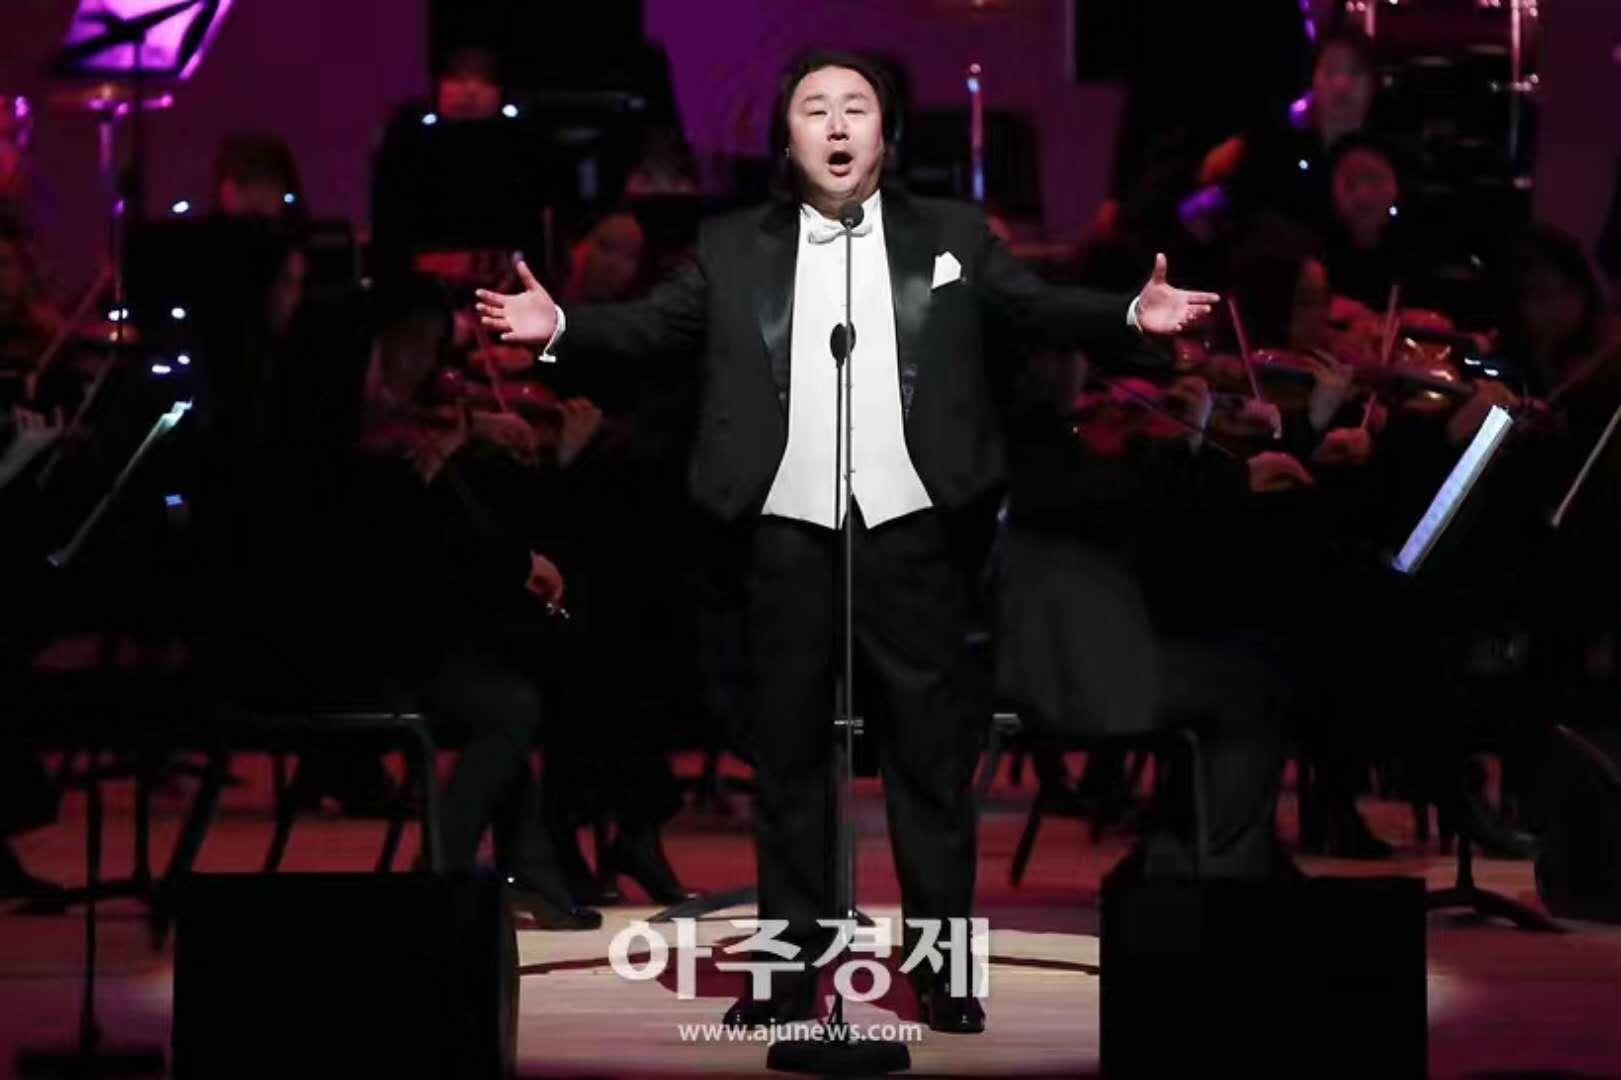 """用音乐搭建中韩民间交流的桥梁——""""2018欢乐春节中韩友好音乐会""""在首尔举行"""